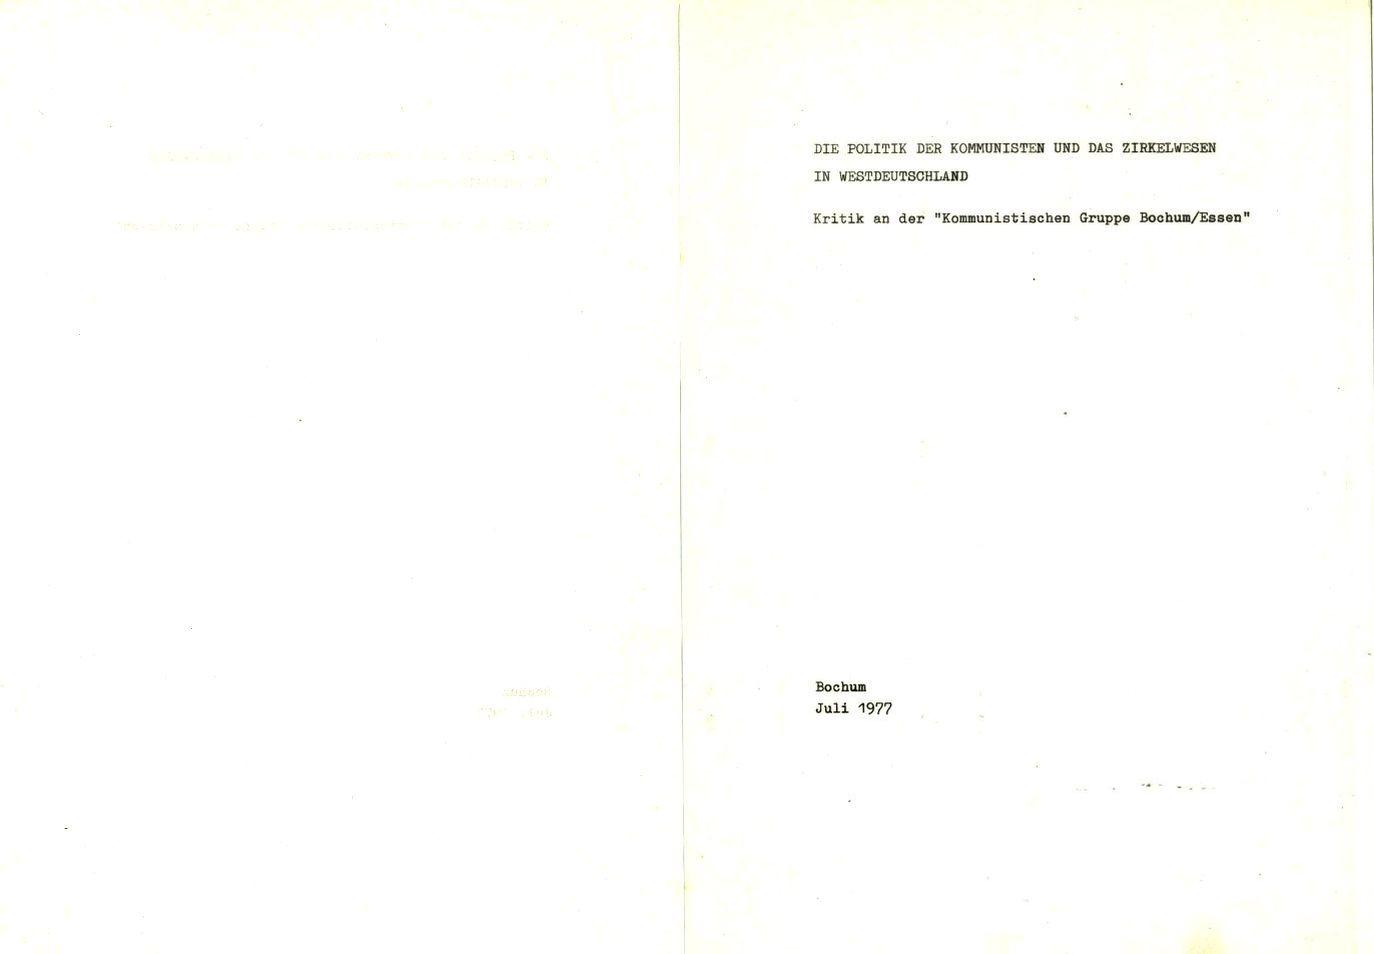 KGBE_Ehemalige_1977_Kritik_an_der_KGBE_02